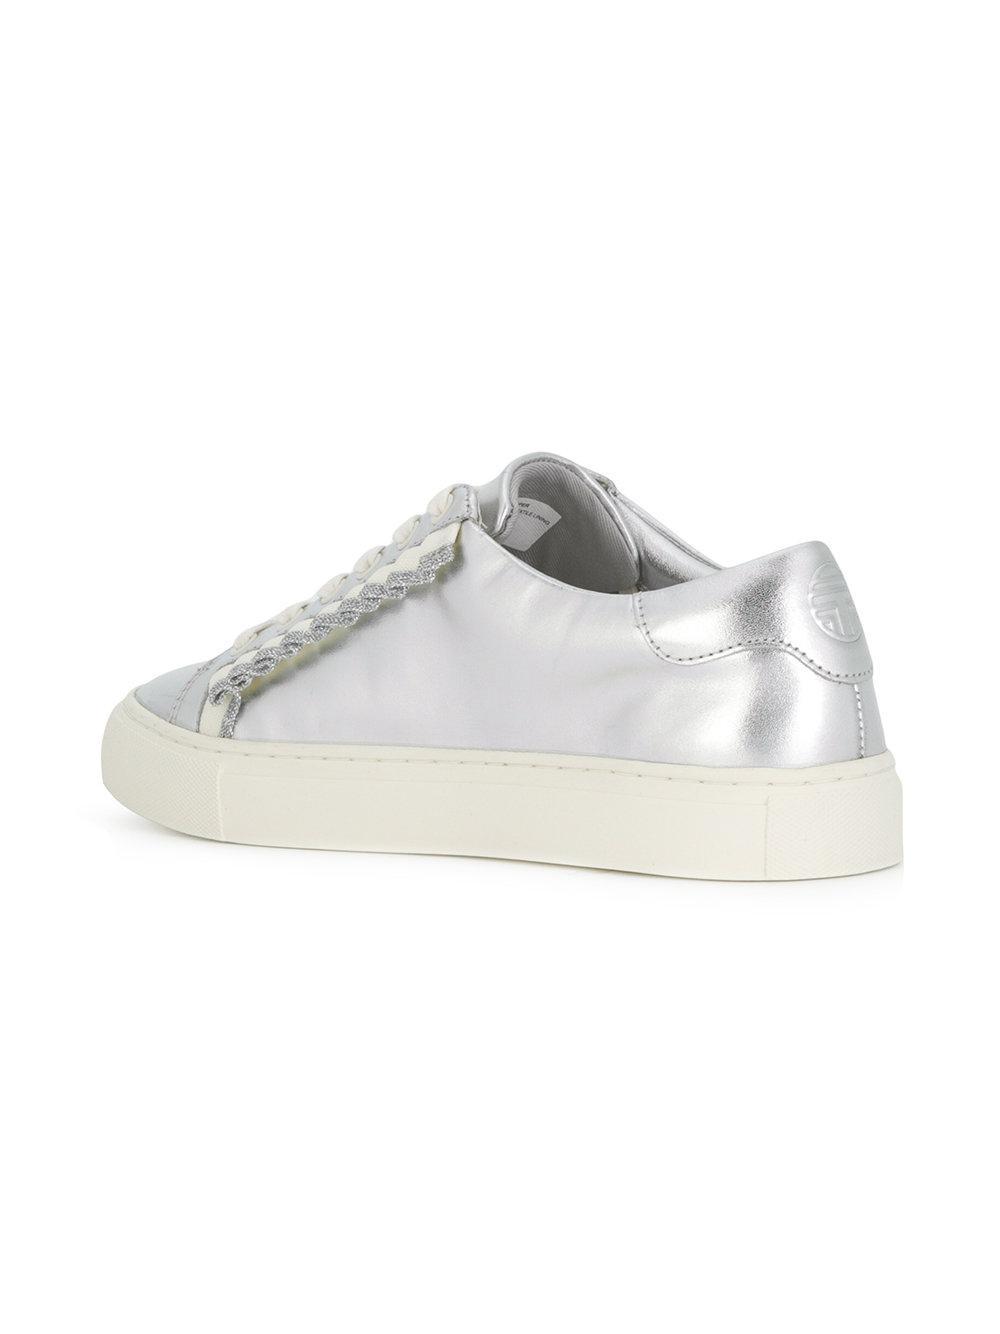 aa671eba9 Lyst - Tory Burch Ruffle Sneakers in Metallic